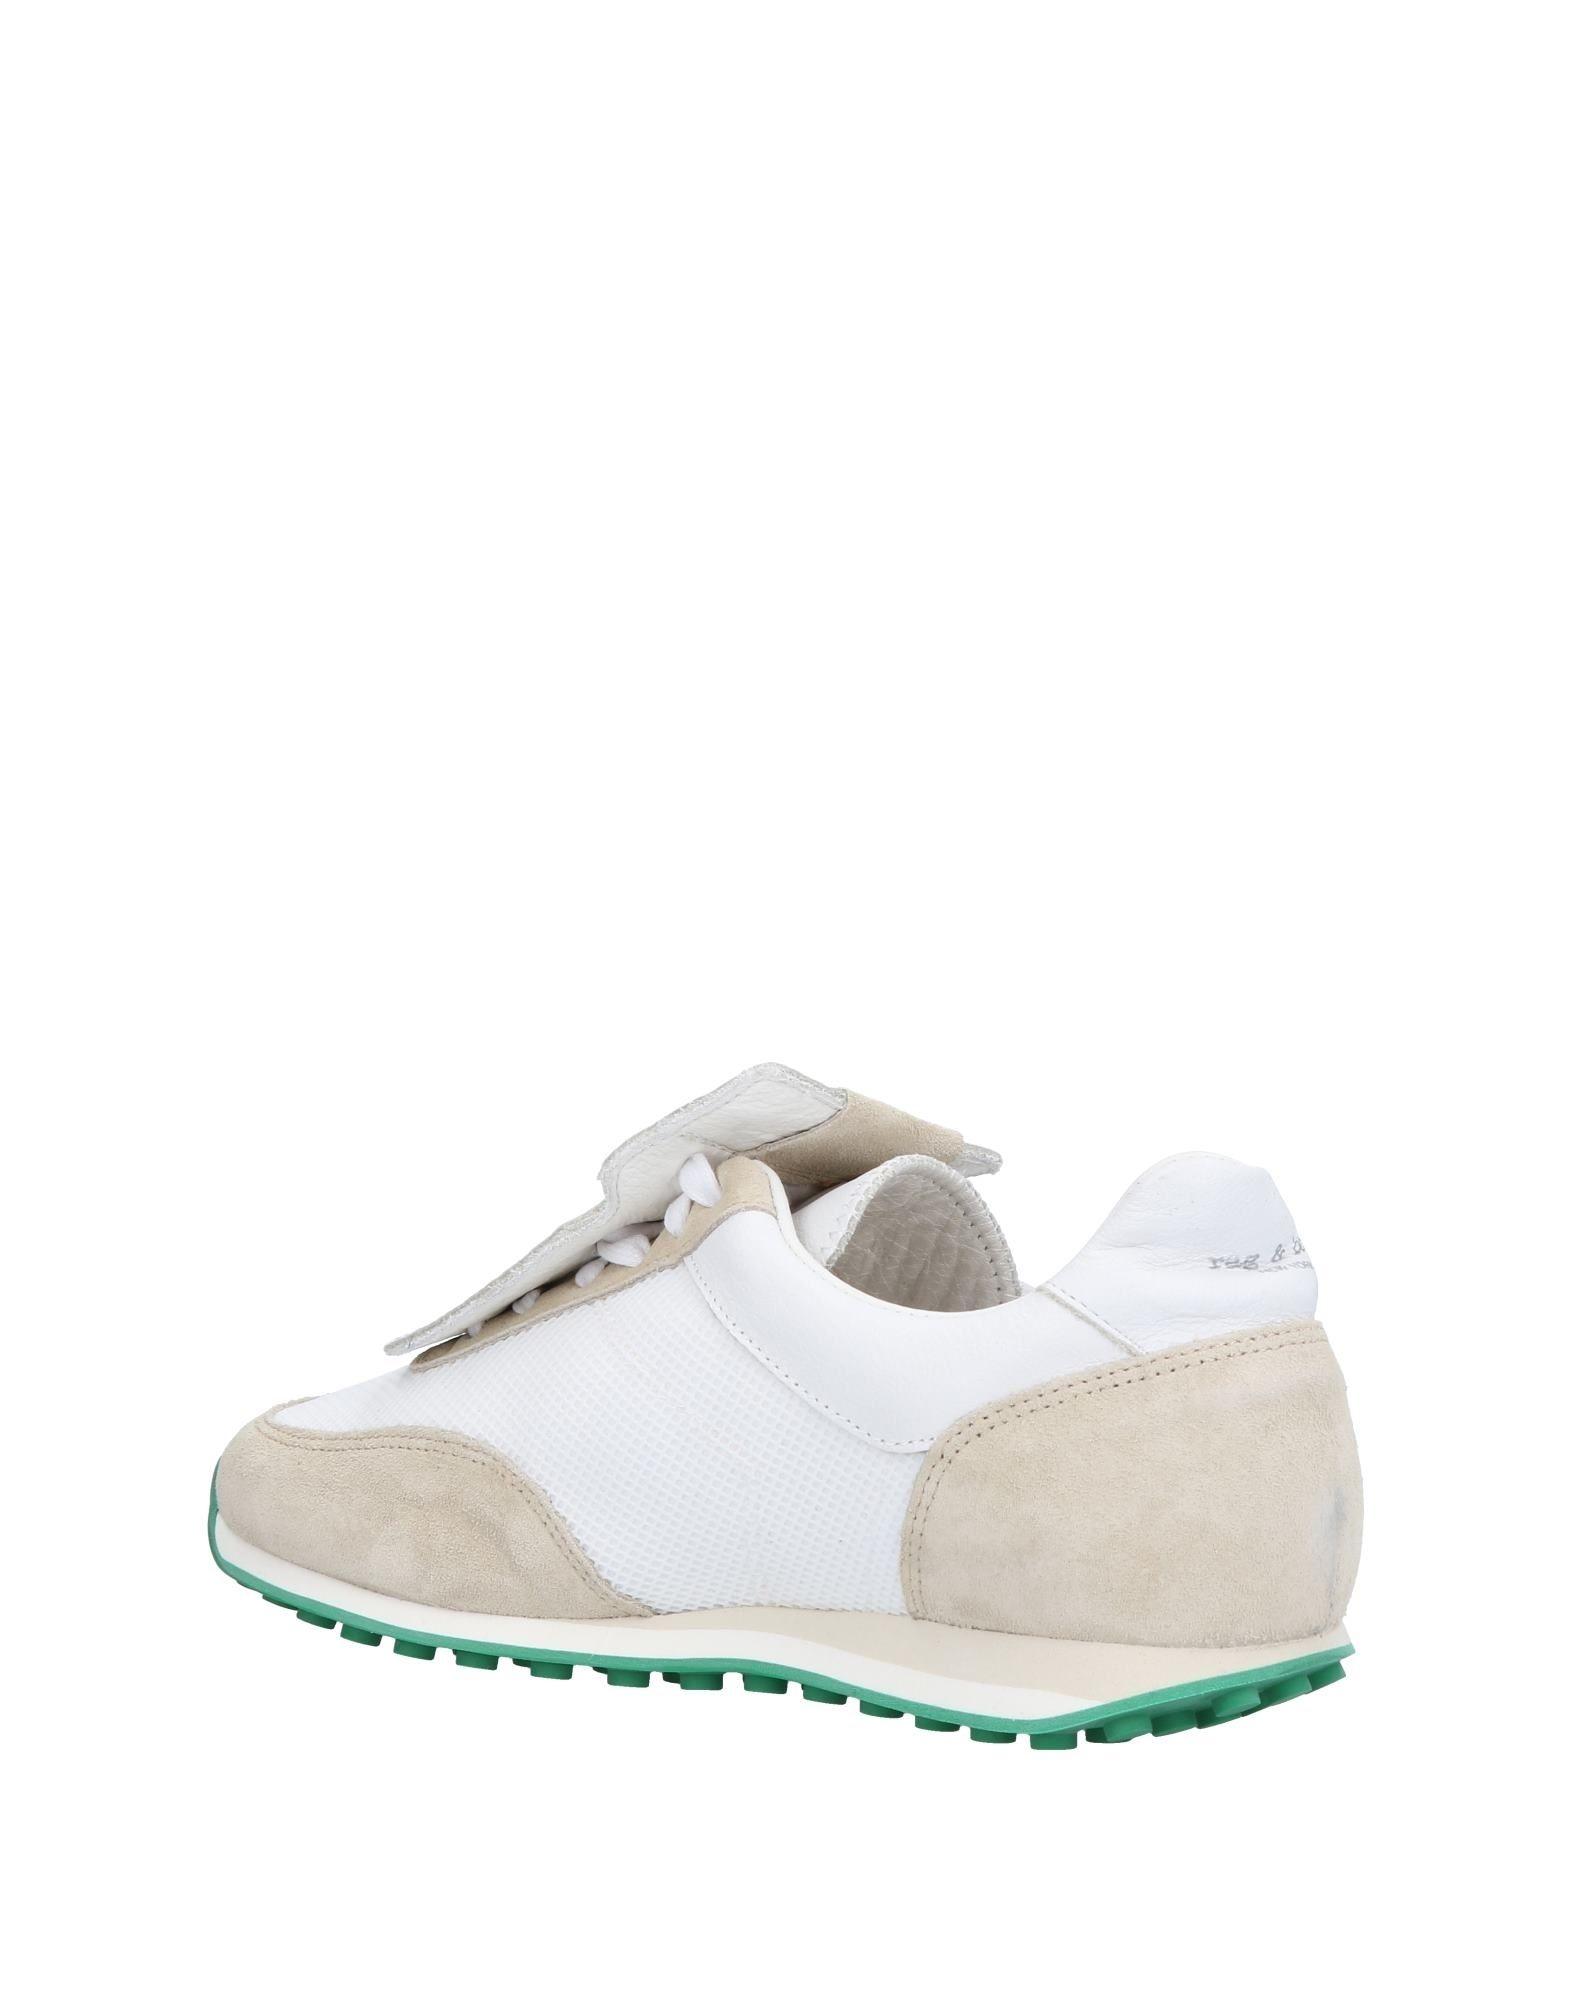 Rag & Bone sich Sneakers Damen Gutes Preis-Leistungs-Verhältnis, es lohnt sich Bone 67b848